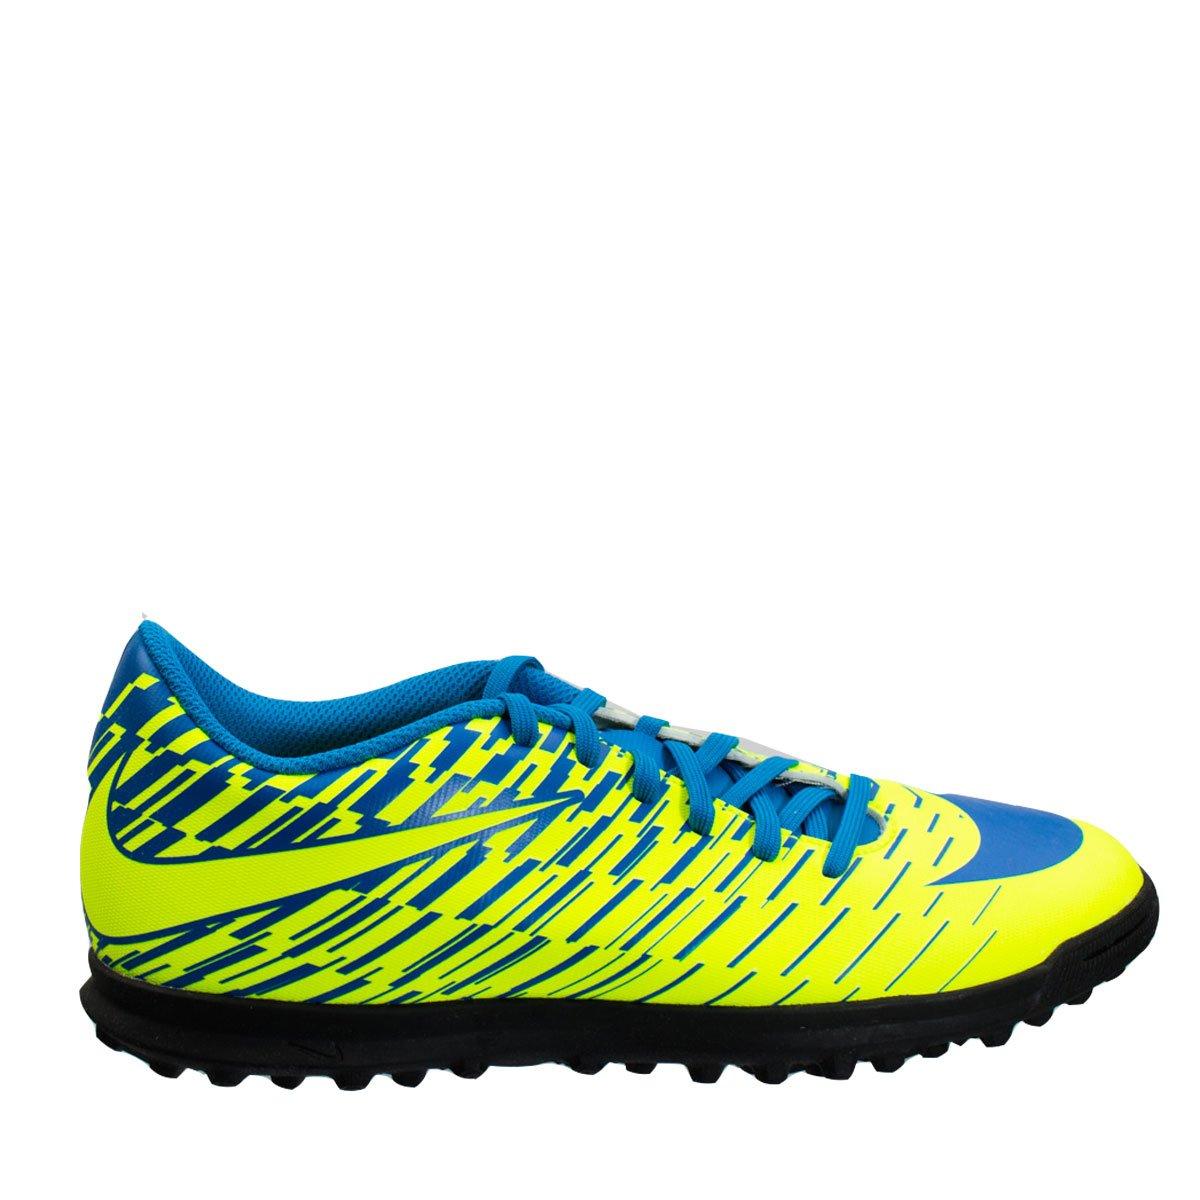 Bizz Store - Chuteira Society Nike Bravata II Masculina 9a369490ed590